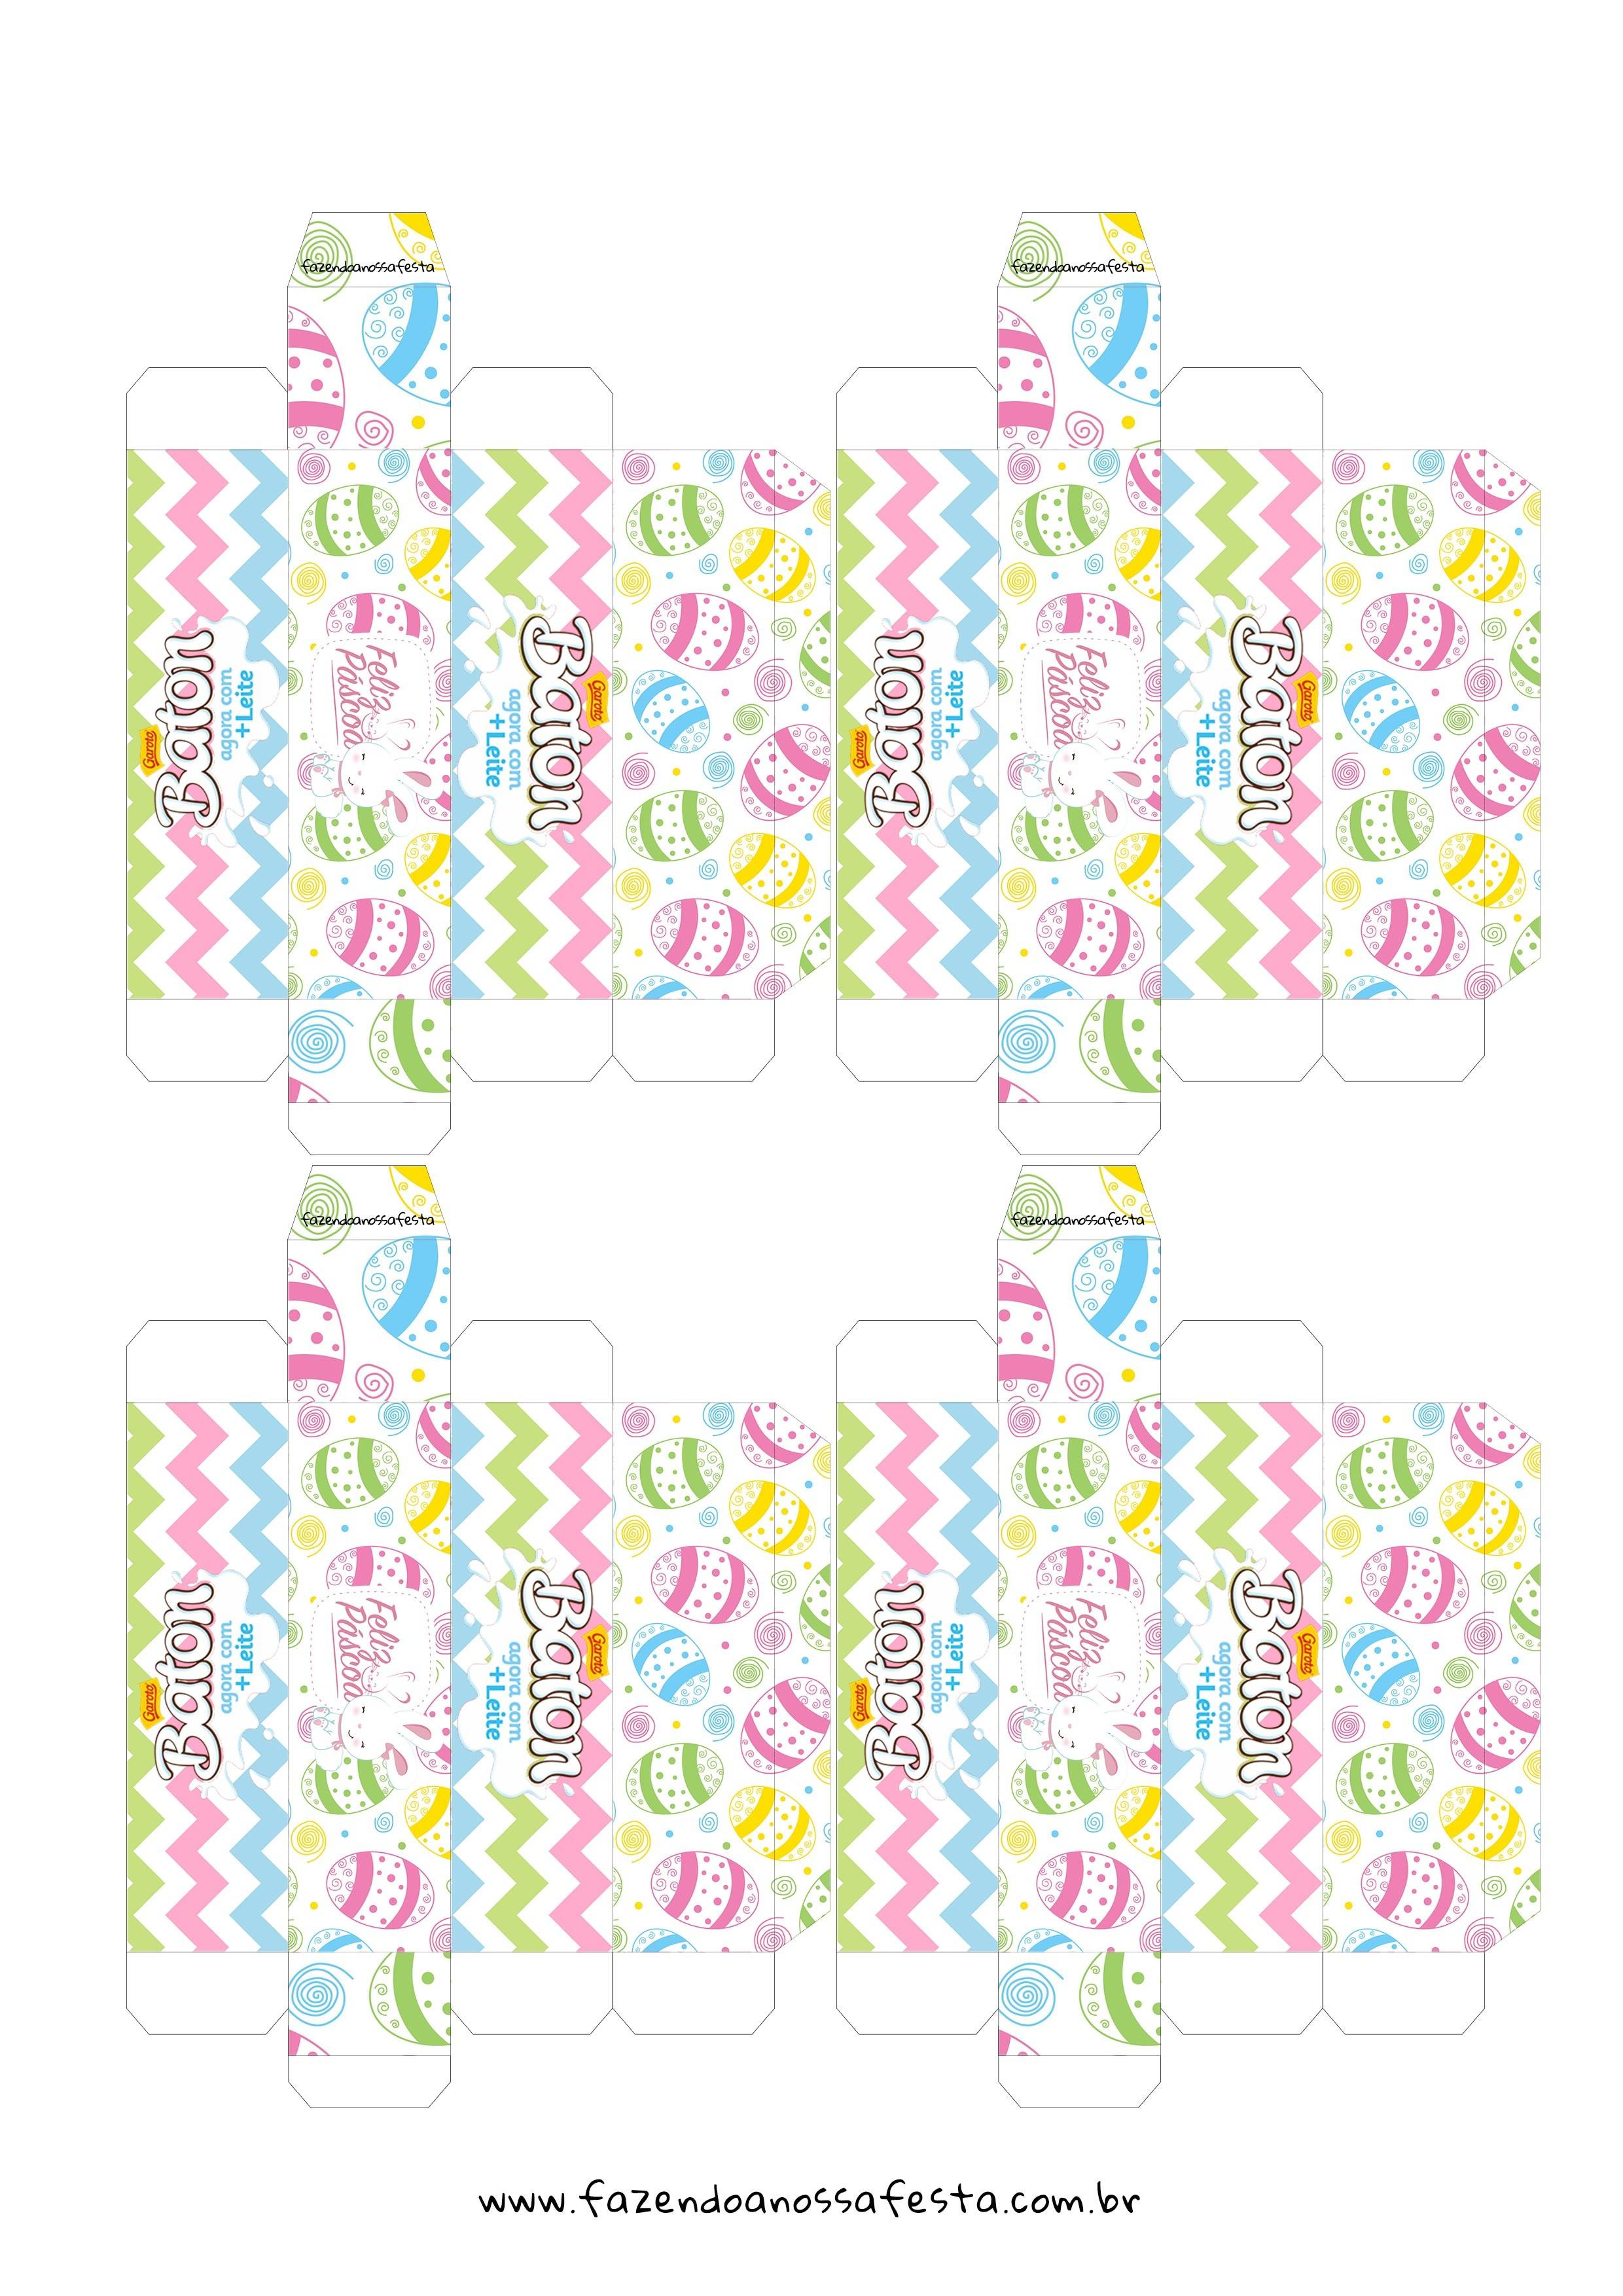 Caixa Baton para Pascoa - Gratis para Imprimir Colorida